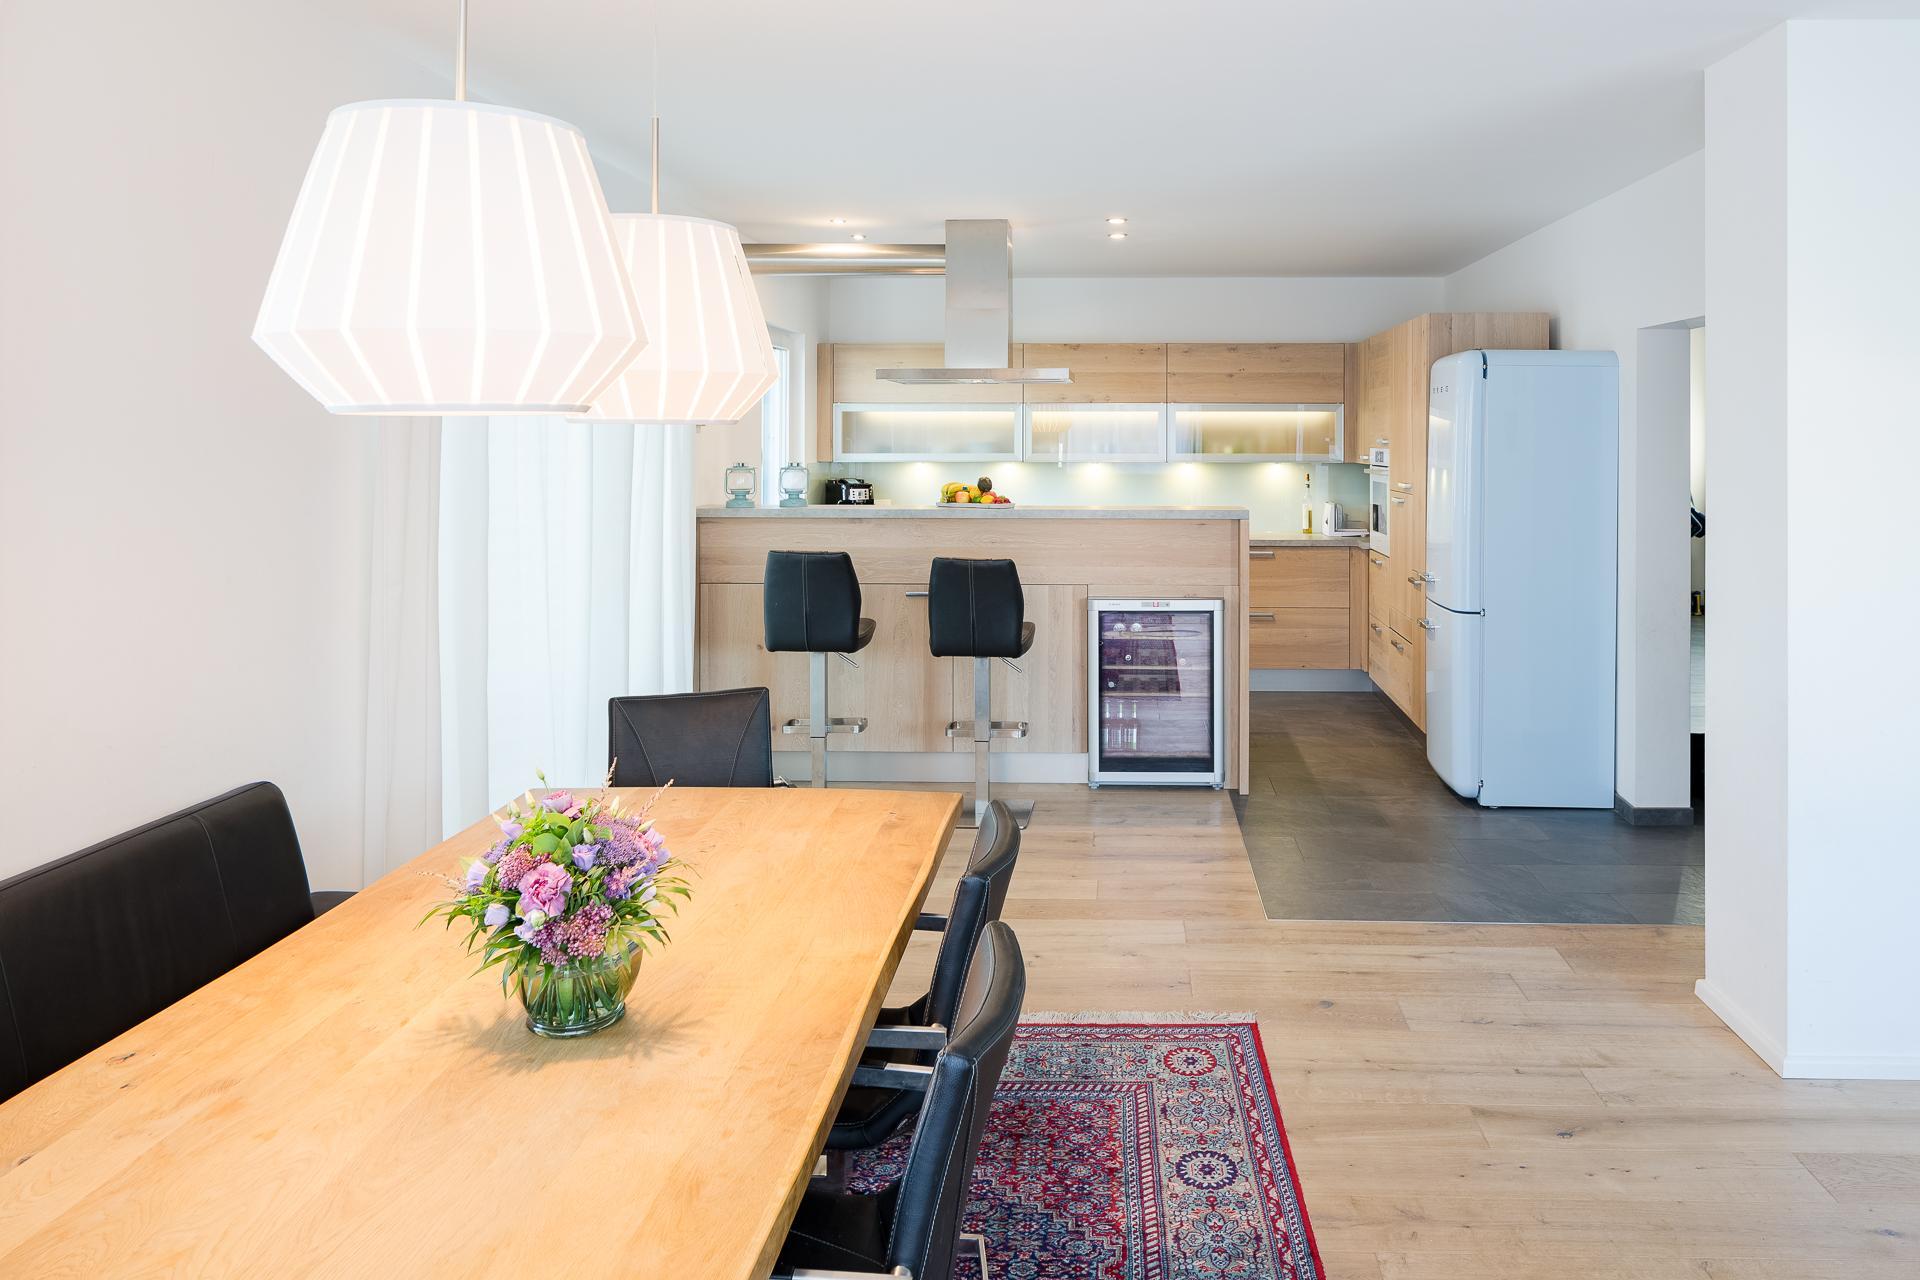 Smeg Kühlschrank Küche : Der smeg kühlschrank eine designikone in er jahre style